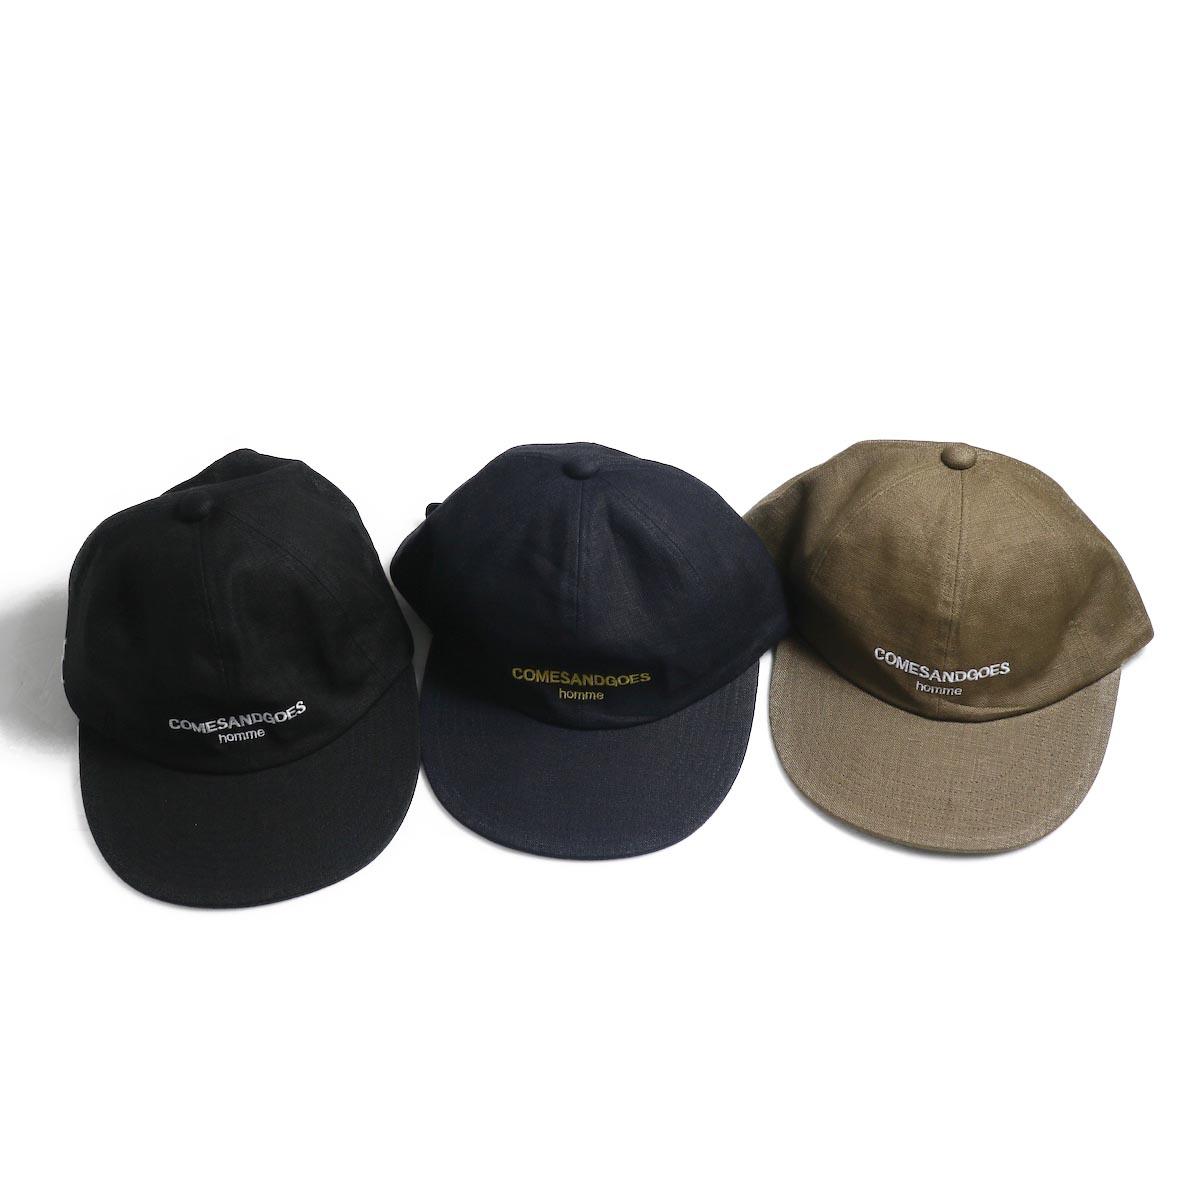 COMESANDGOES / COMES Homme Linen Cap (NO.14518)